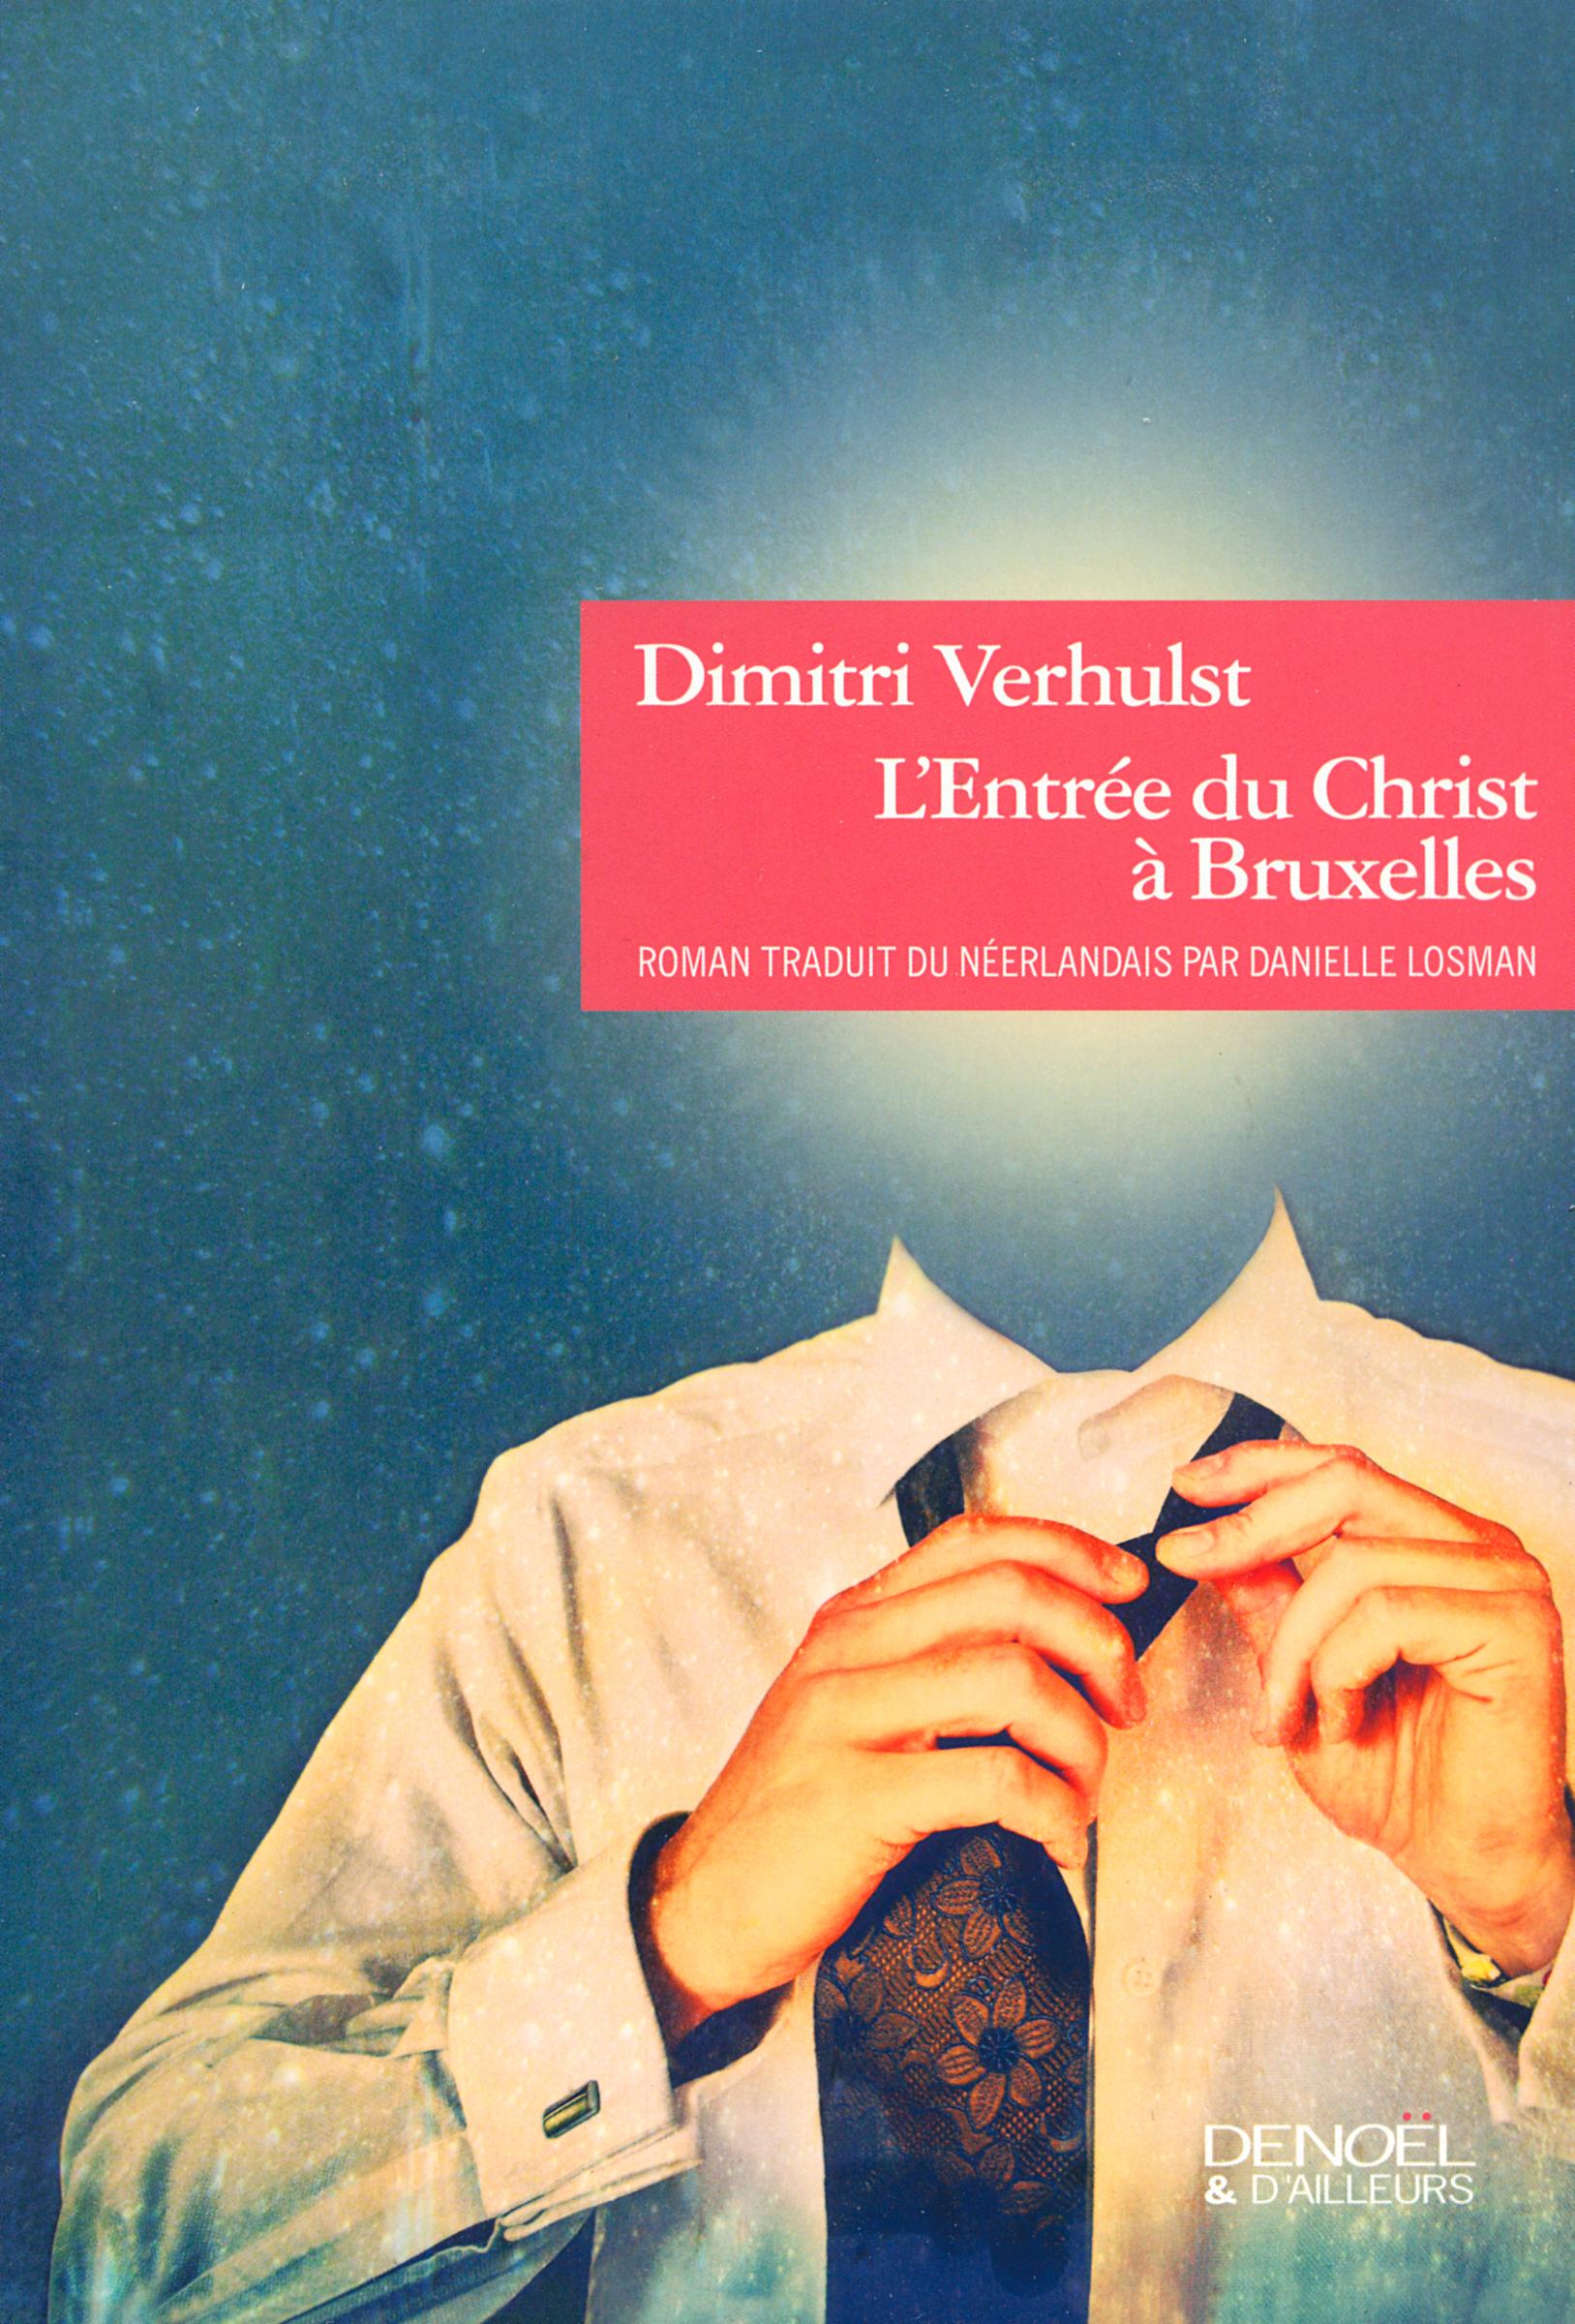 L'Entrée du Christ à Bruxelles